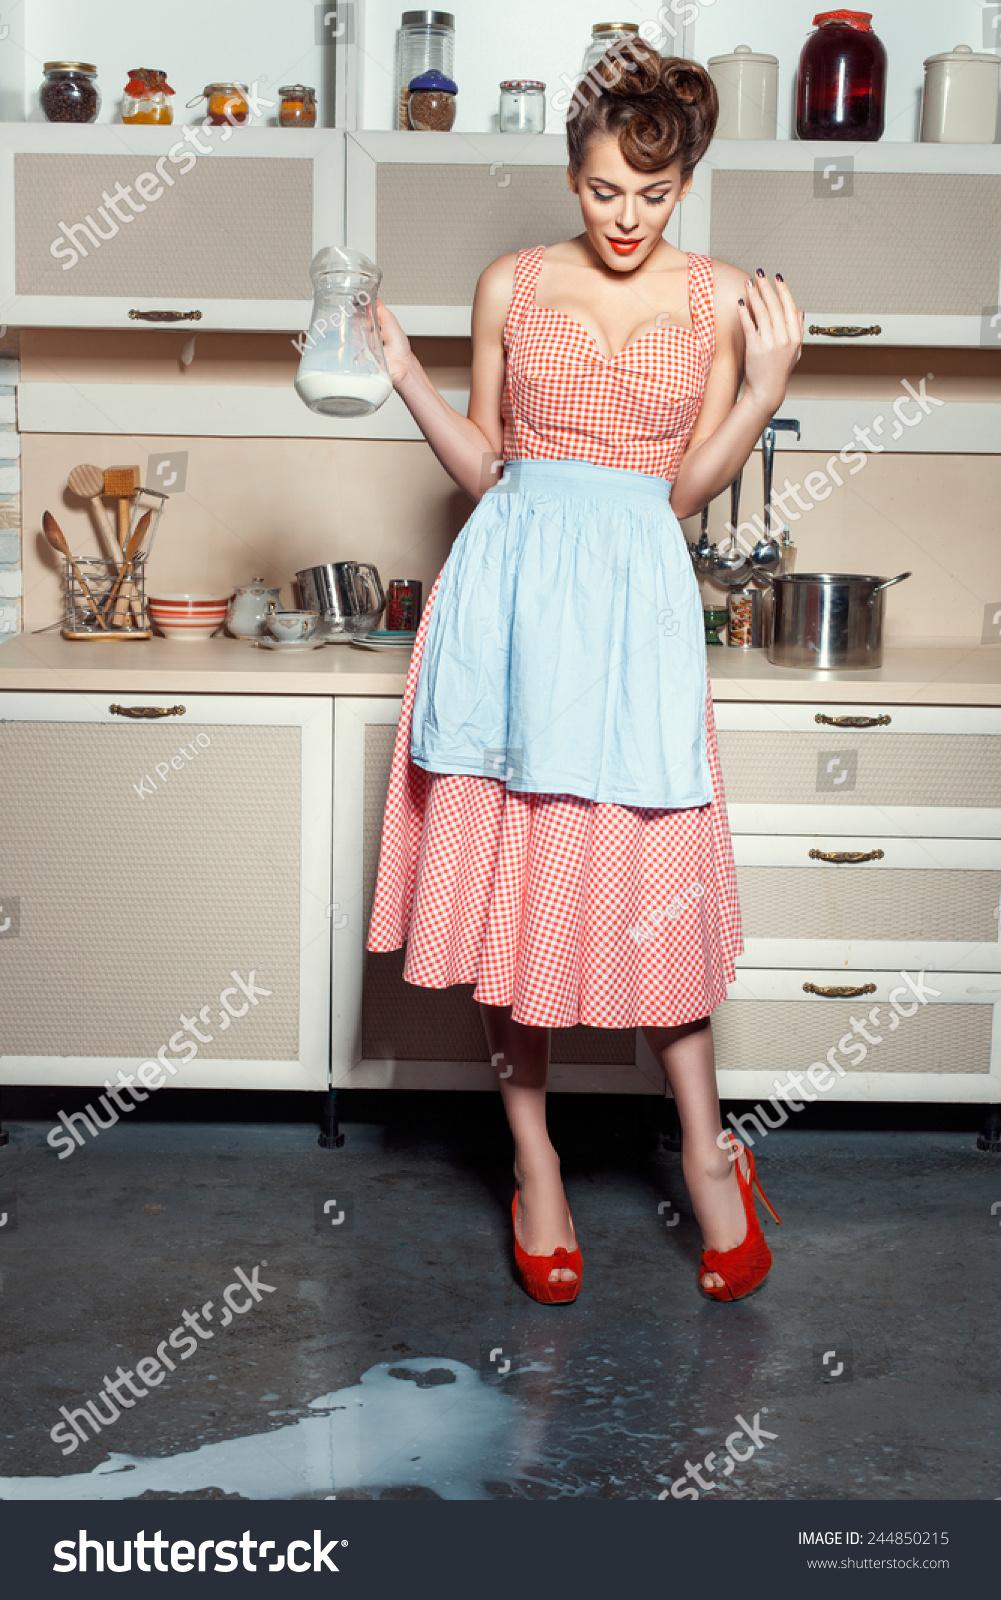 Woman Standing Kitchen Looks Floor On Stock Photo 244850215 ...